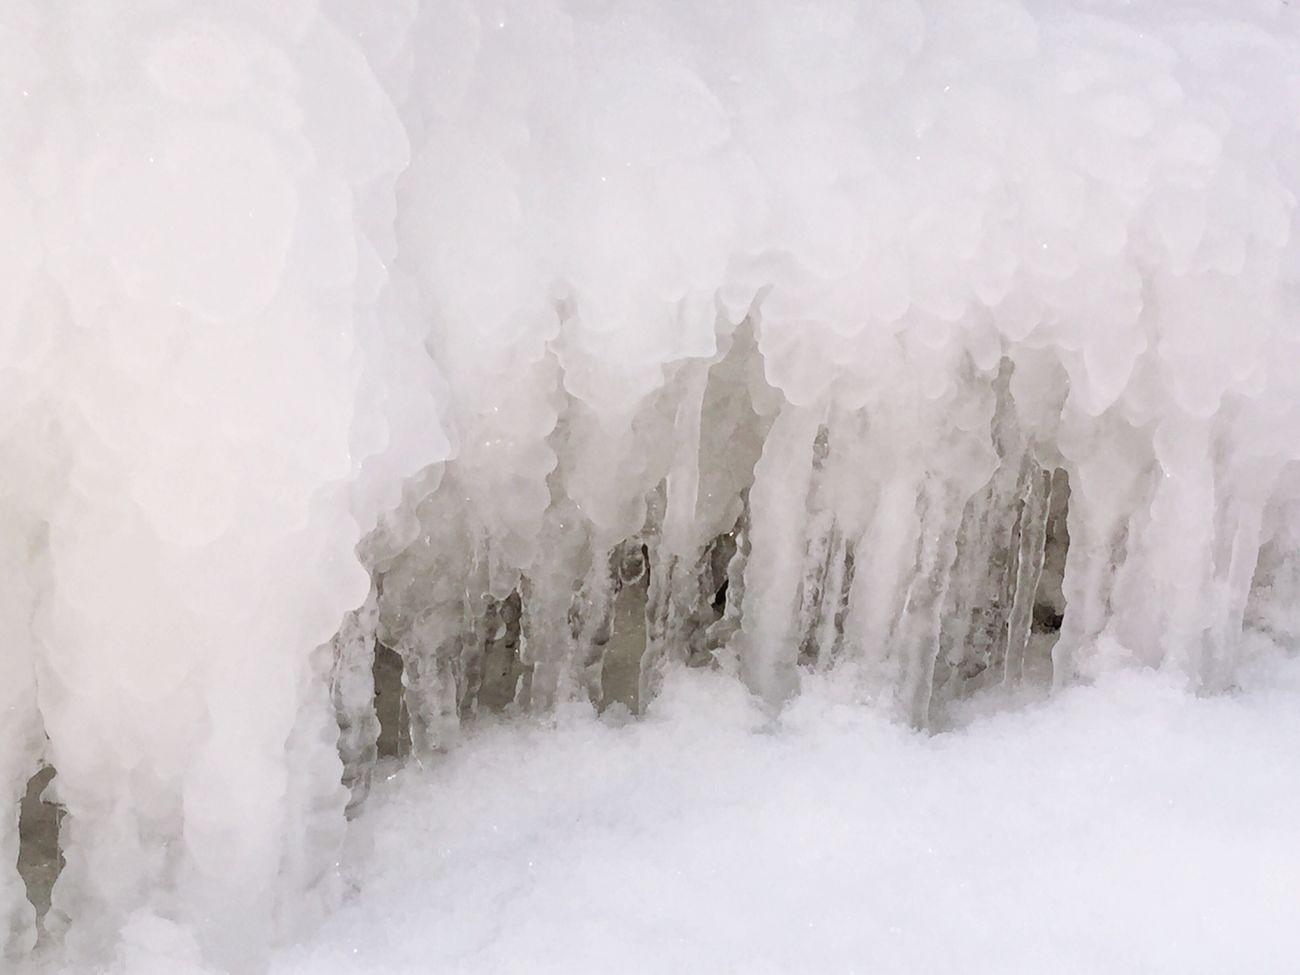 Ice Gävle Bonan